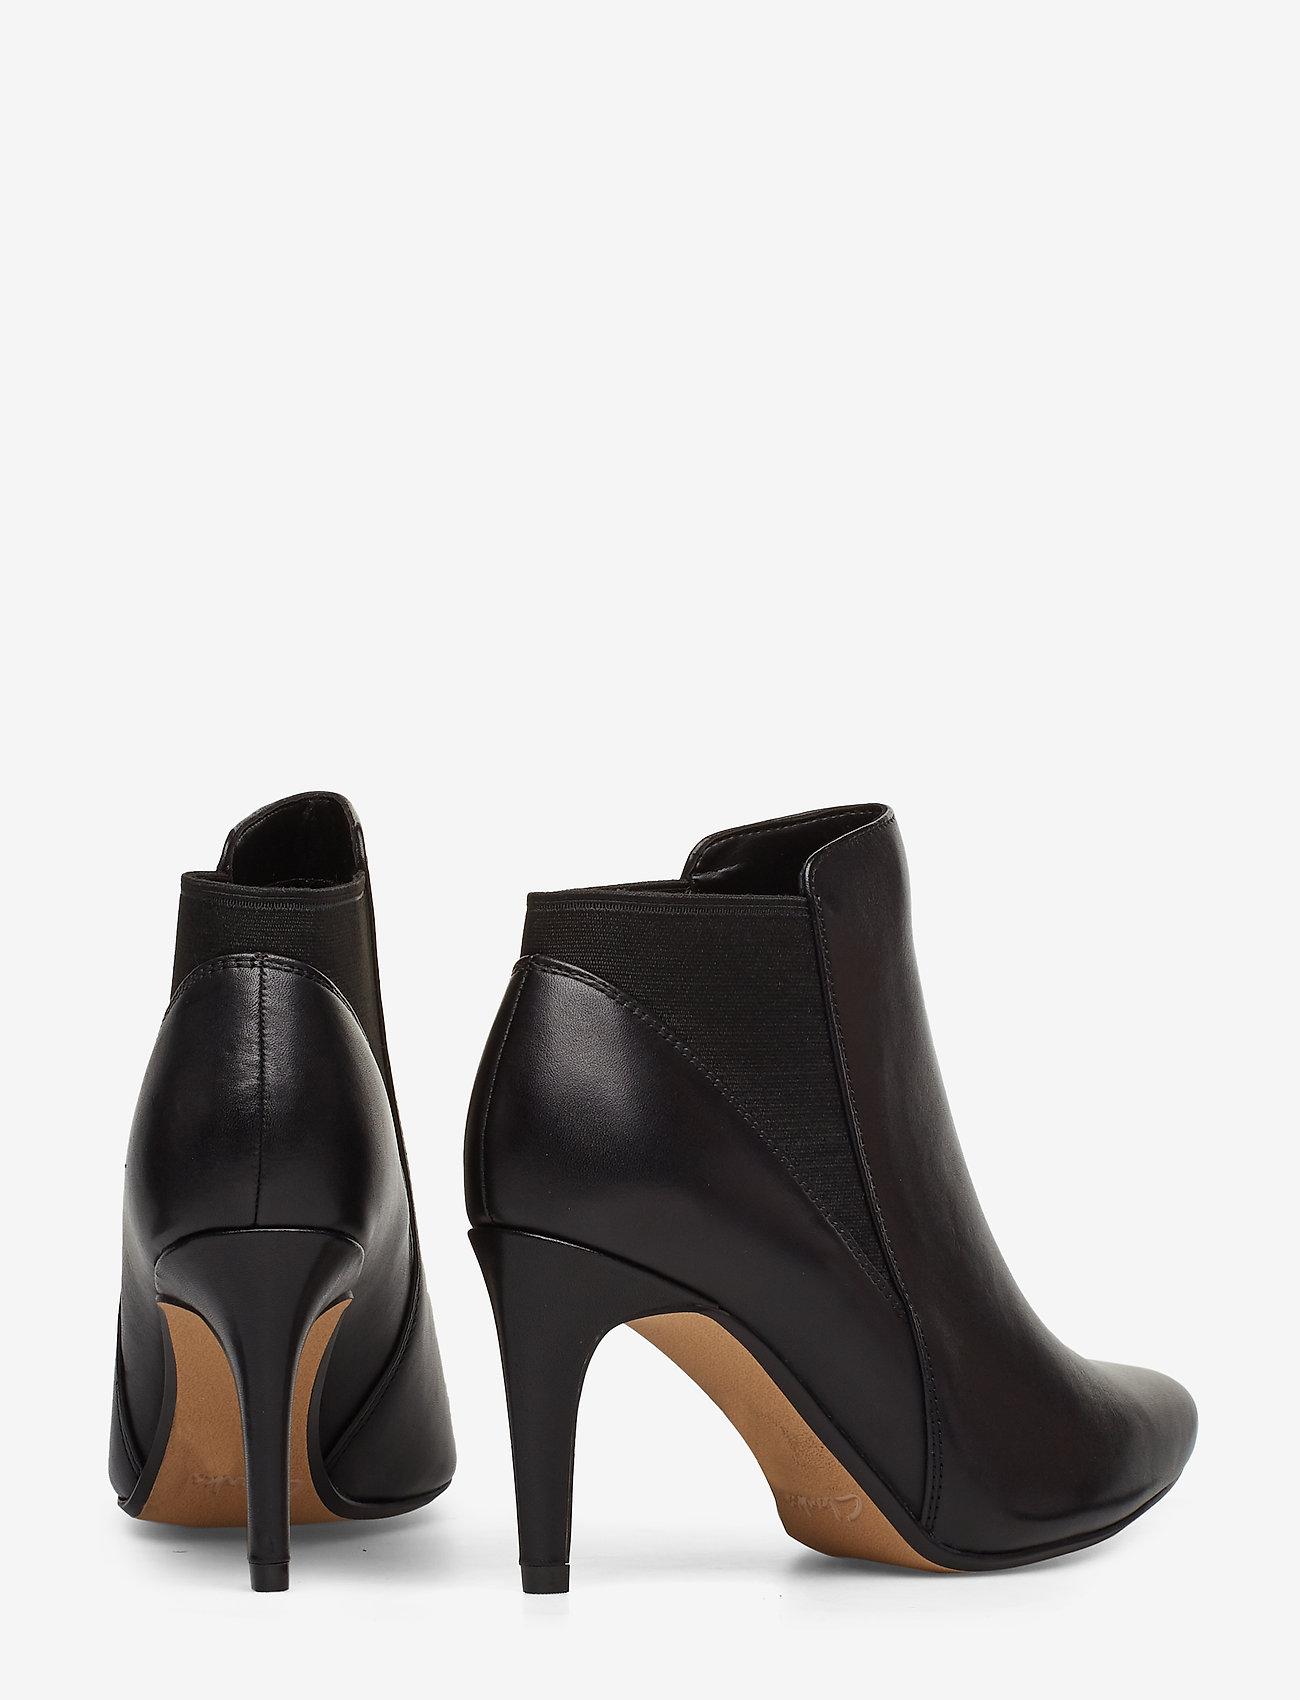 Clarks Laina Violet - Stiefel BLACK LEATHER - Schuhe Billige